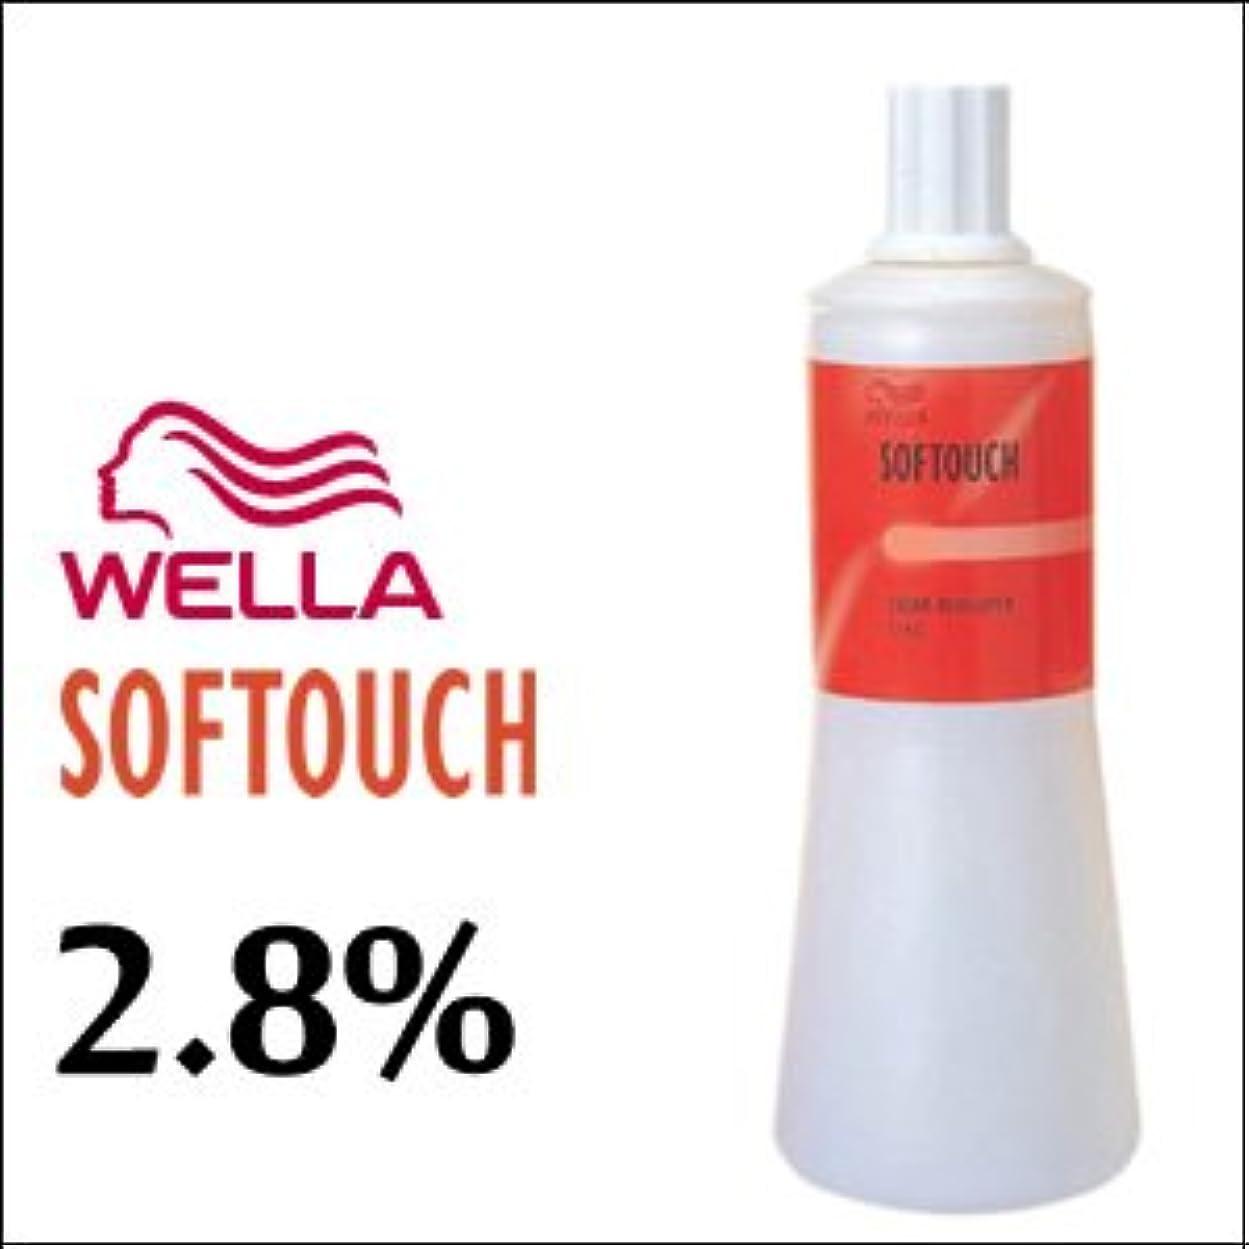 治世水テープウエラ ヘアカラー ソフタッチ クリームディベロッパー 2.8% 1L